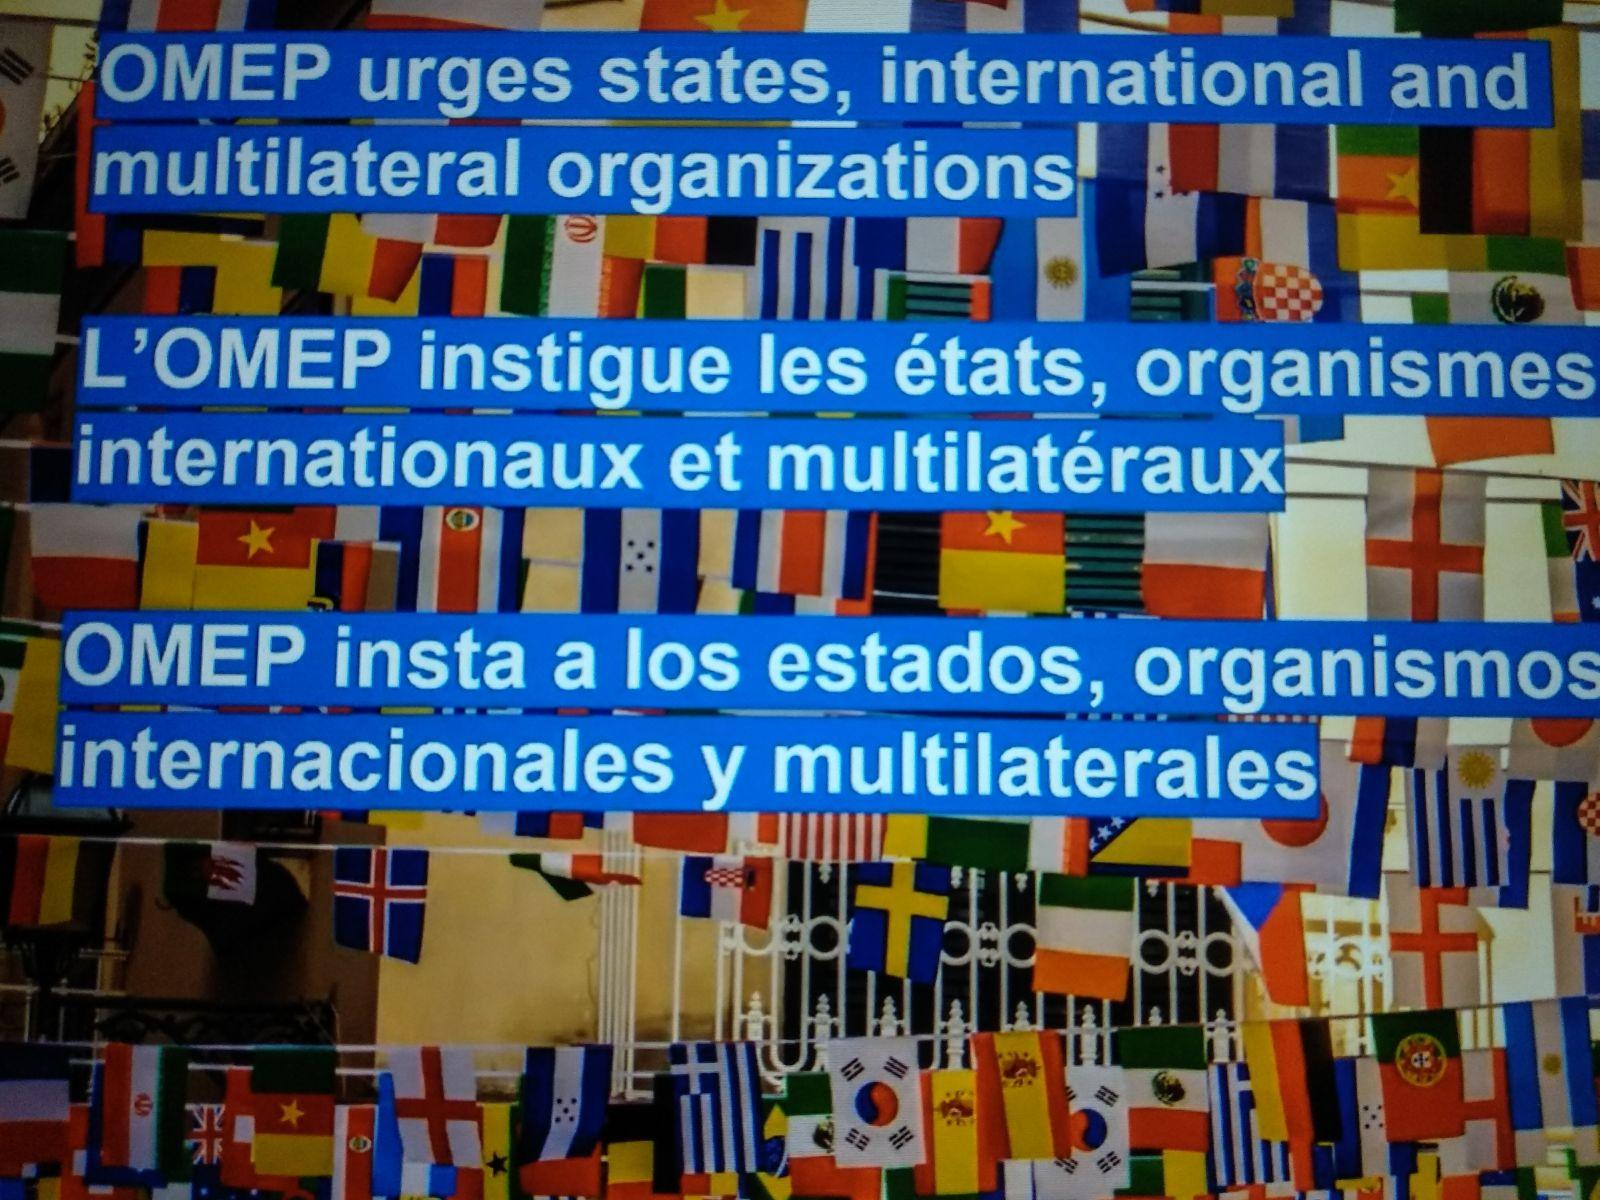 Sprawozdanie ze Światowego Zgromadzenia OMEP 2021